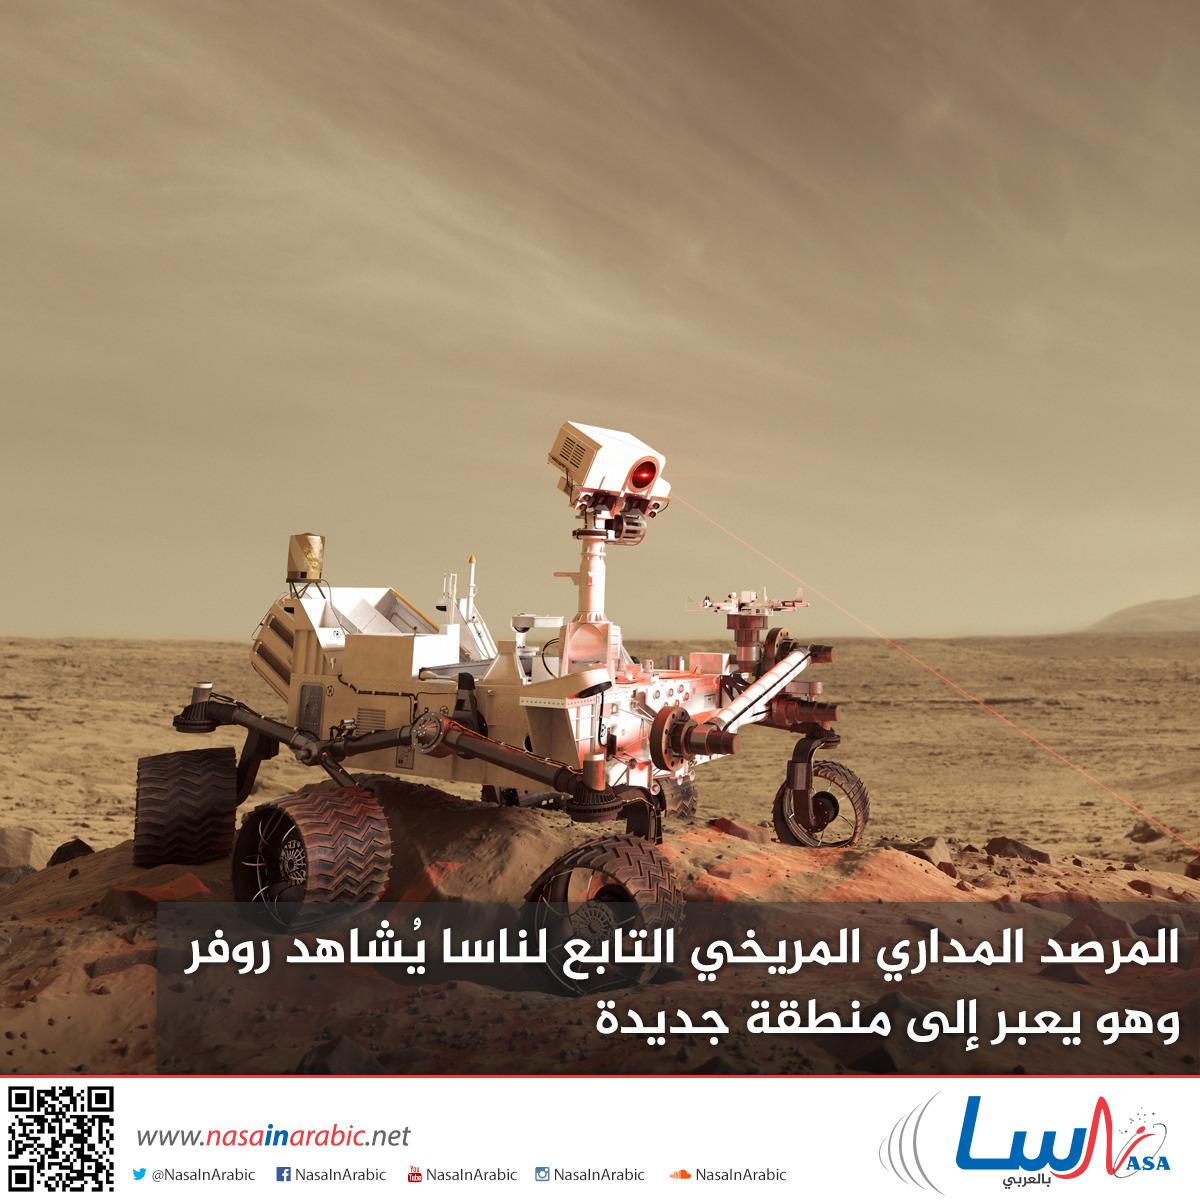 المرصد المداري المريخي التابع لناسا يُشاهد روفر وهو يعبر إلى منطقة جديدة